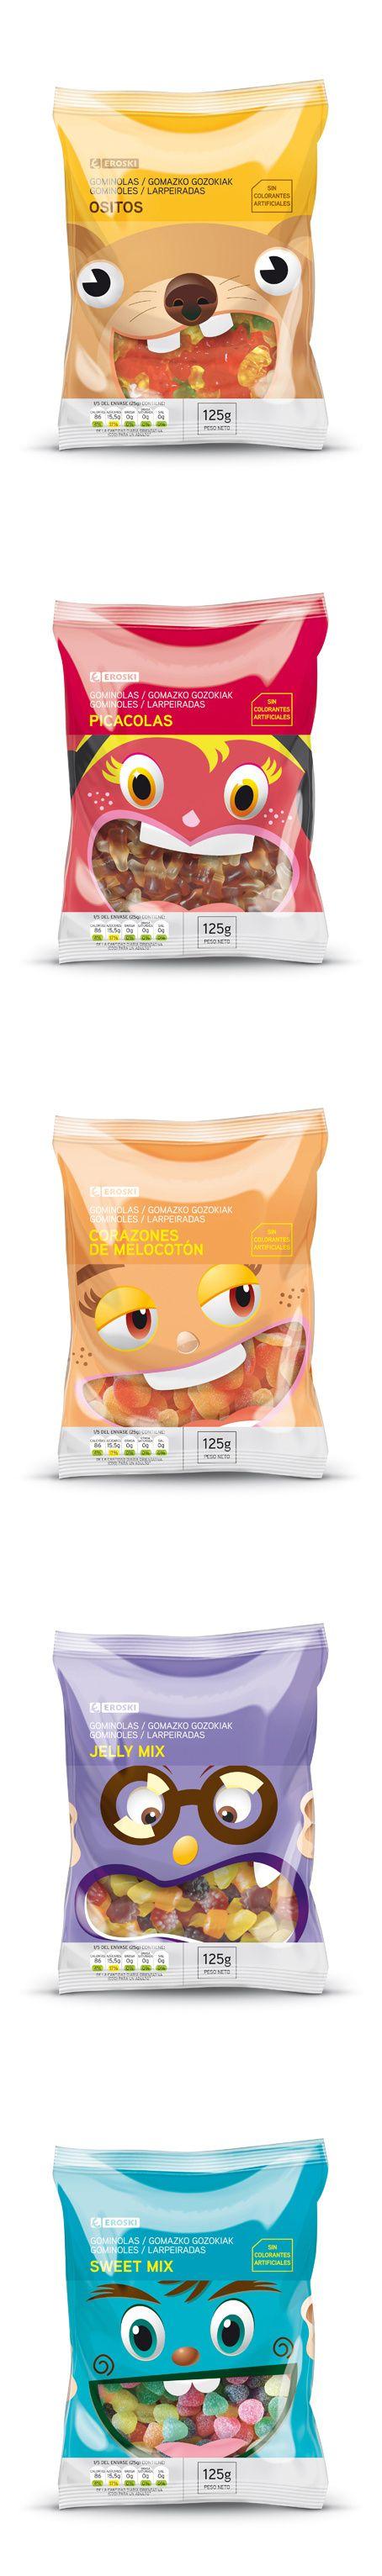 EROSKI snacks